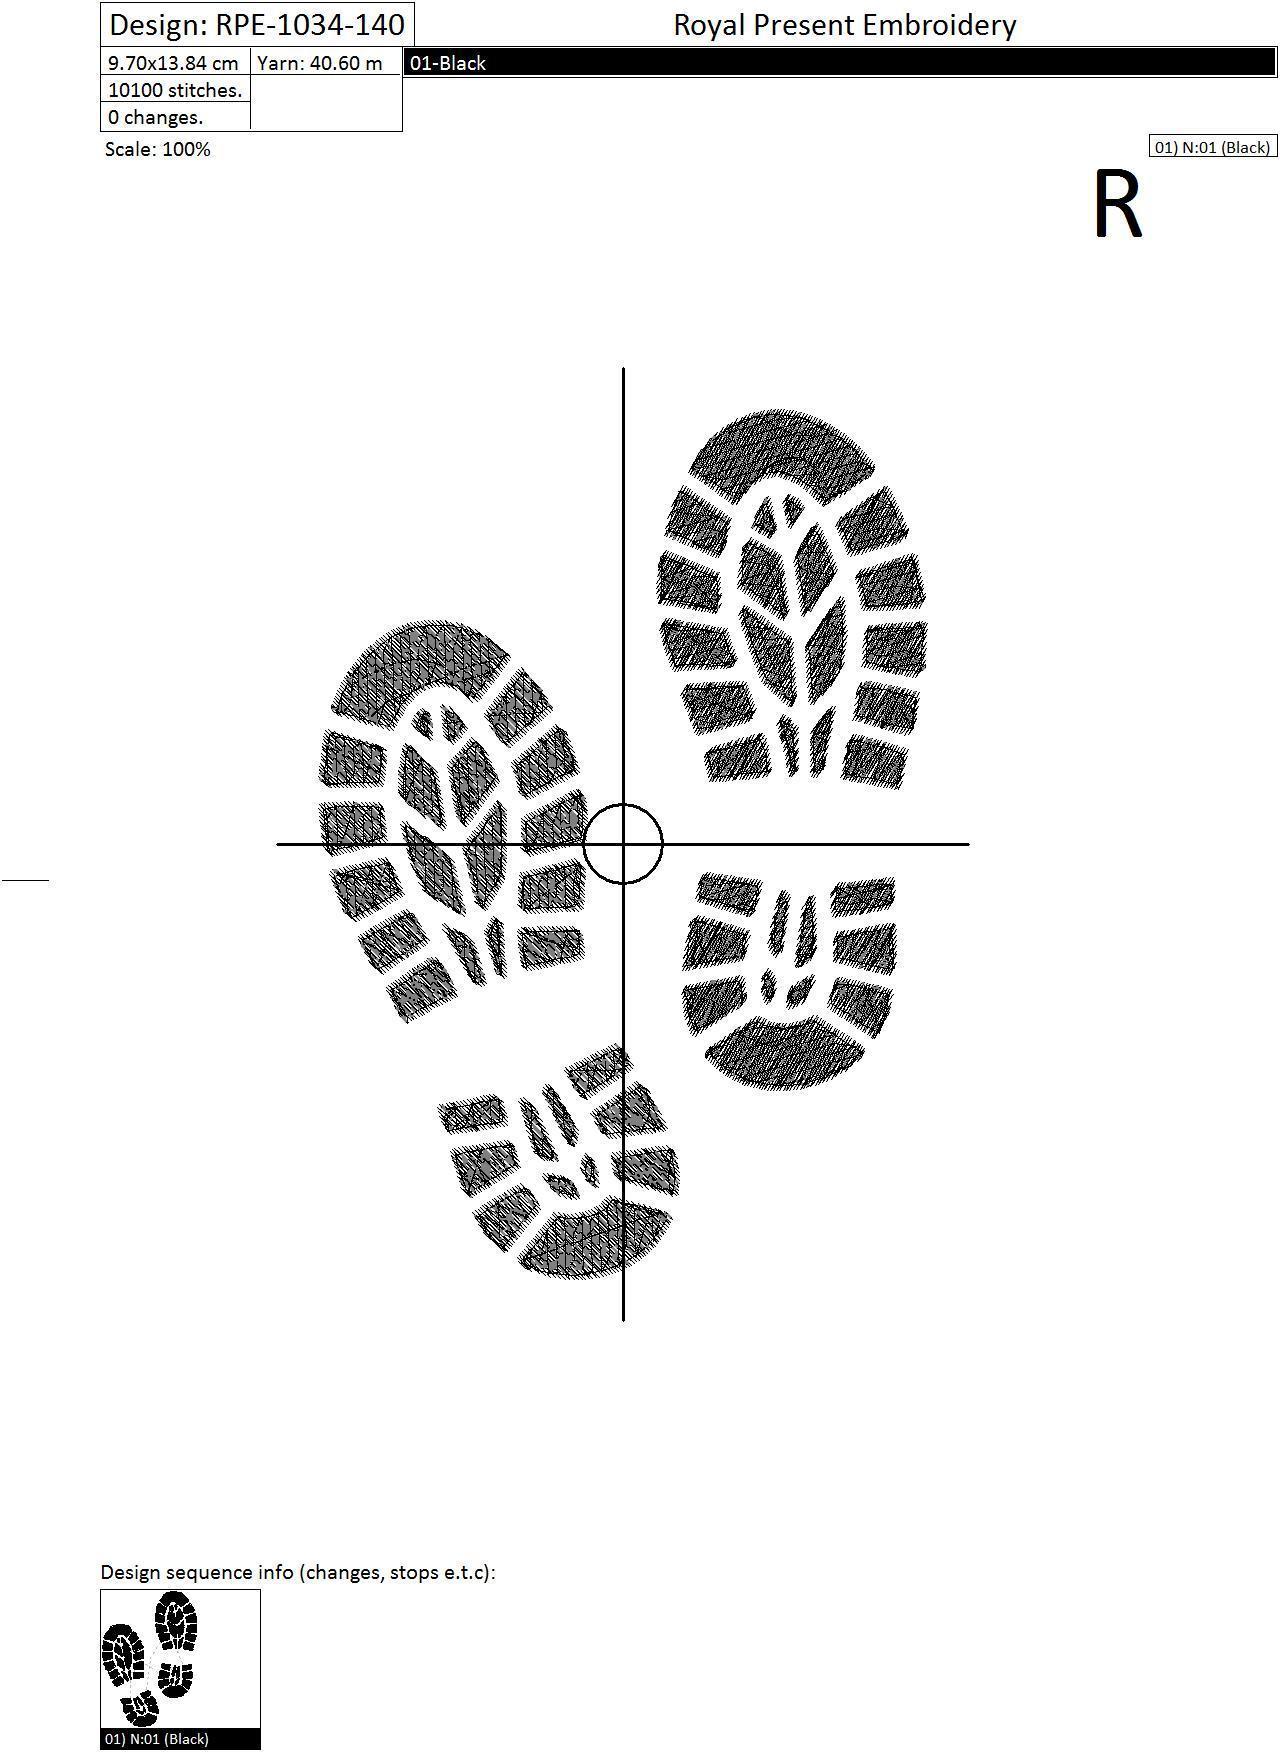 Дизайн машинной вышивки бесплатно Следы от ботинок - 4 размера